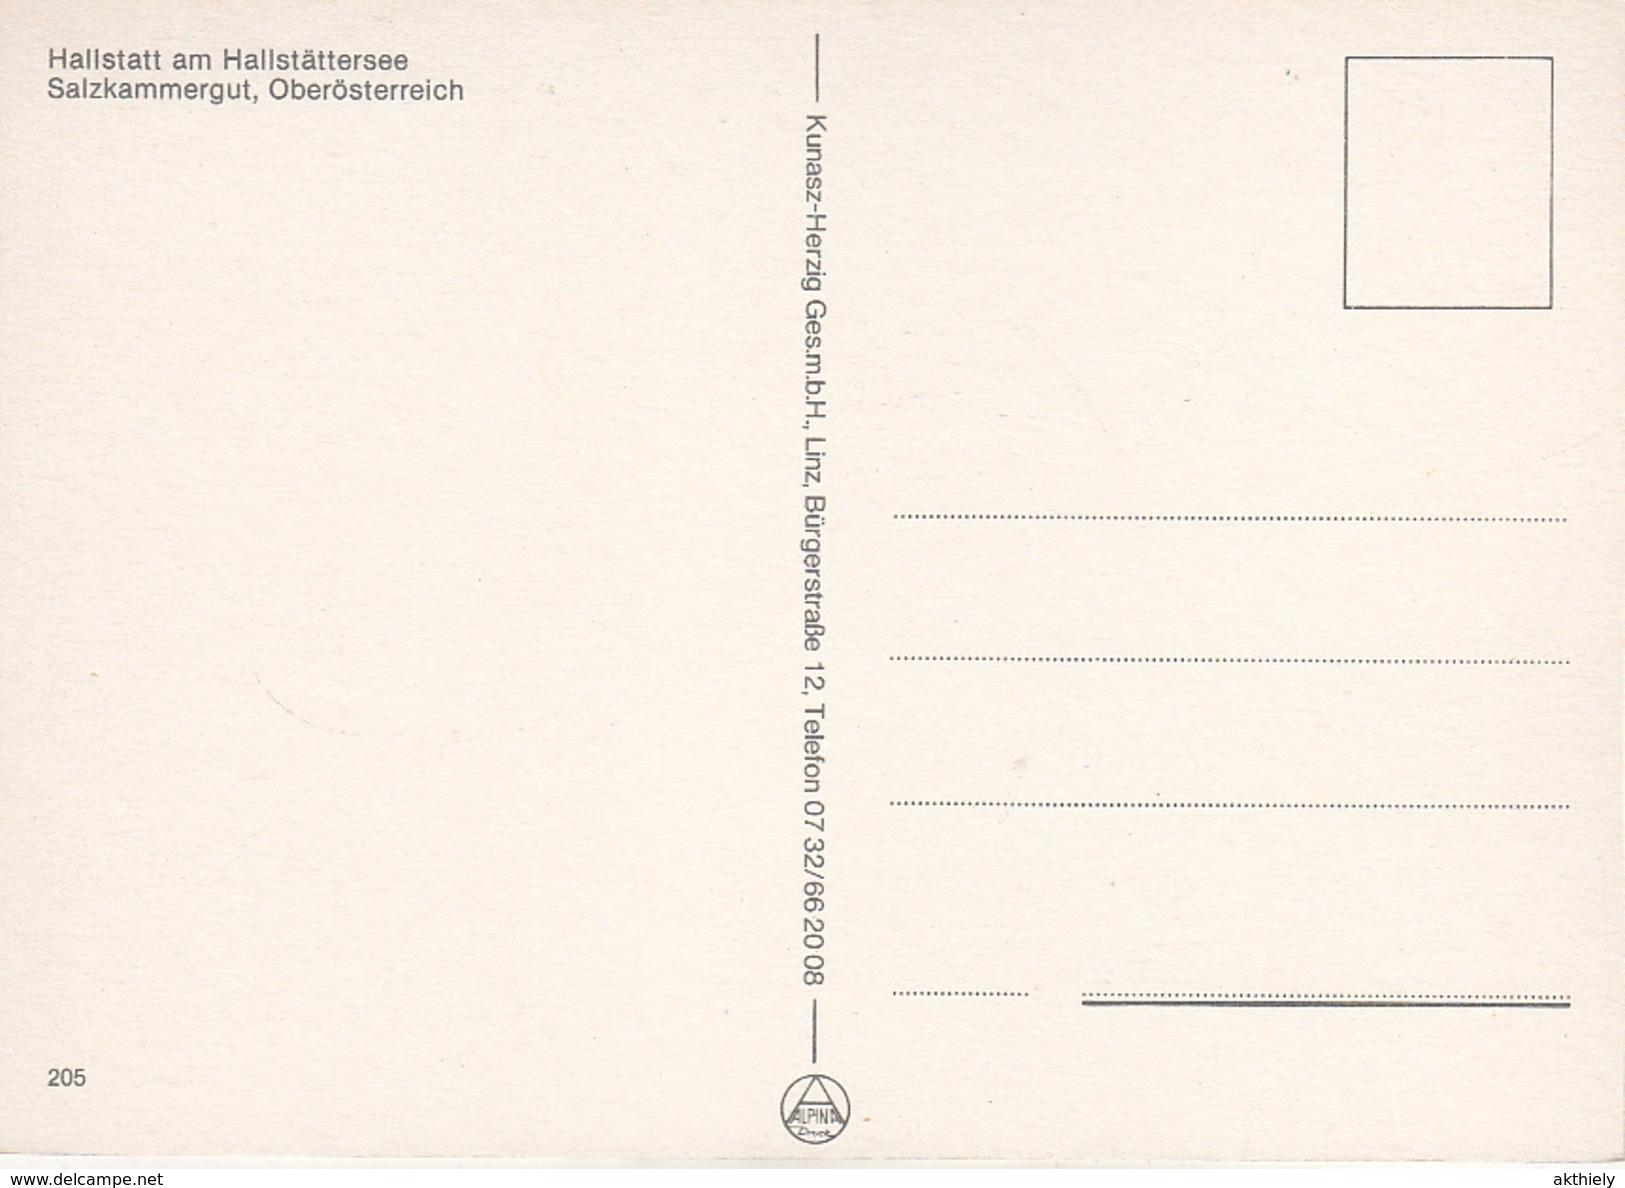 Hallstatt Ak113376 - Hallstatt